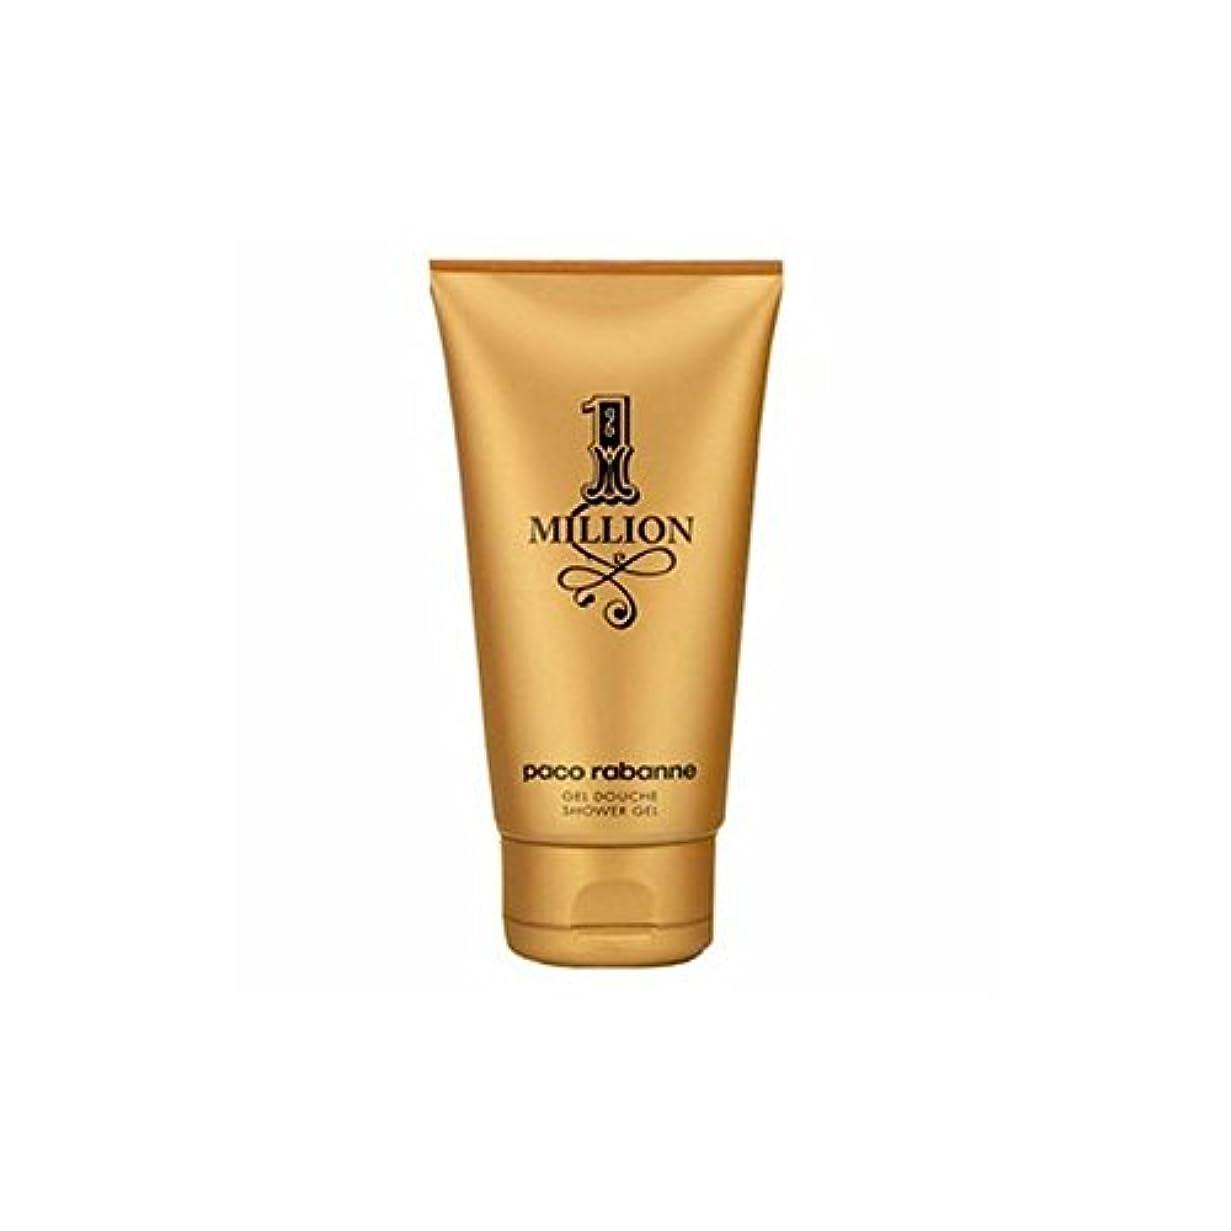 代理人リア王カッター[Paco Rabanne ] 男性のためのパコ?ラバンヌの100万シャワージェル - 150ミリリットル - Paco Rabanne 1 Million Shower gel for Men - 150ml [並行輸入品]